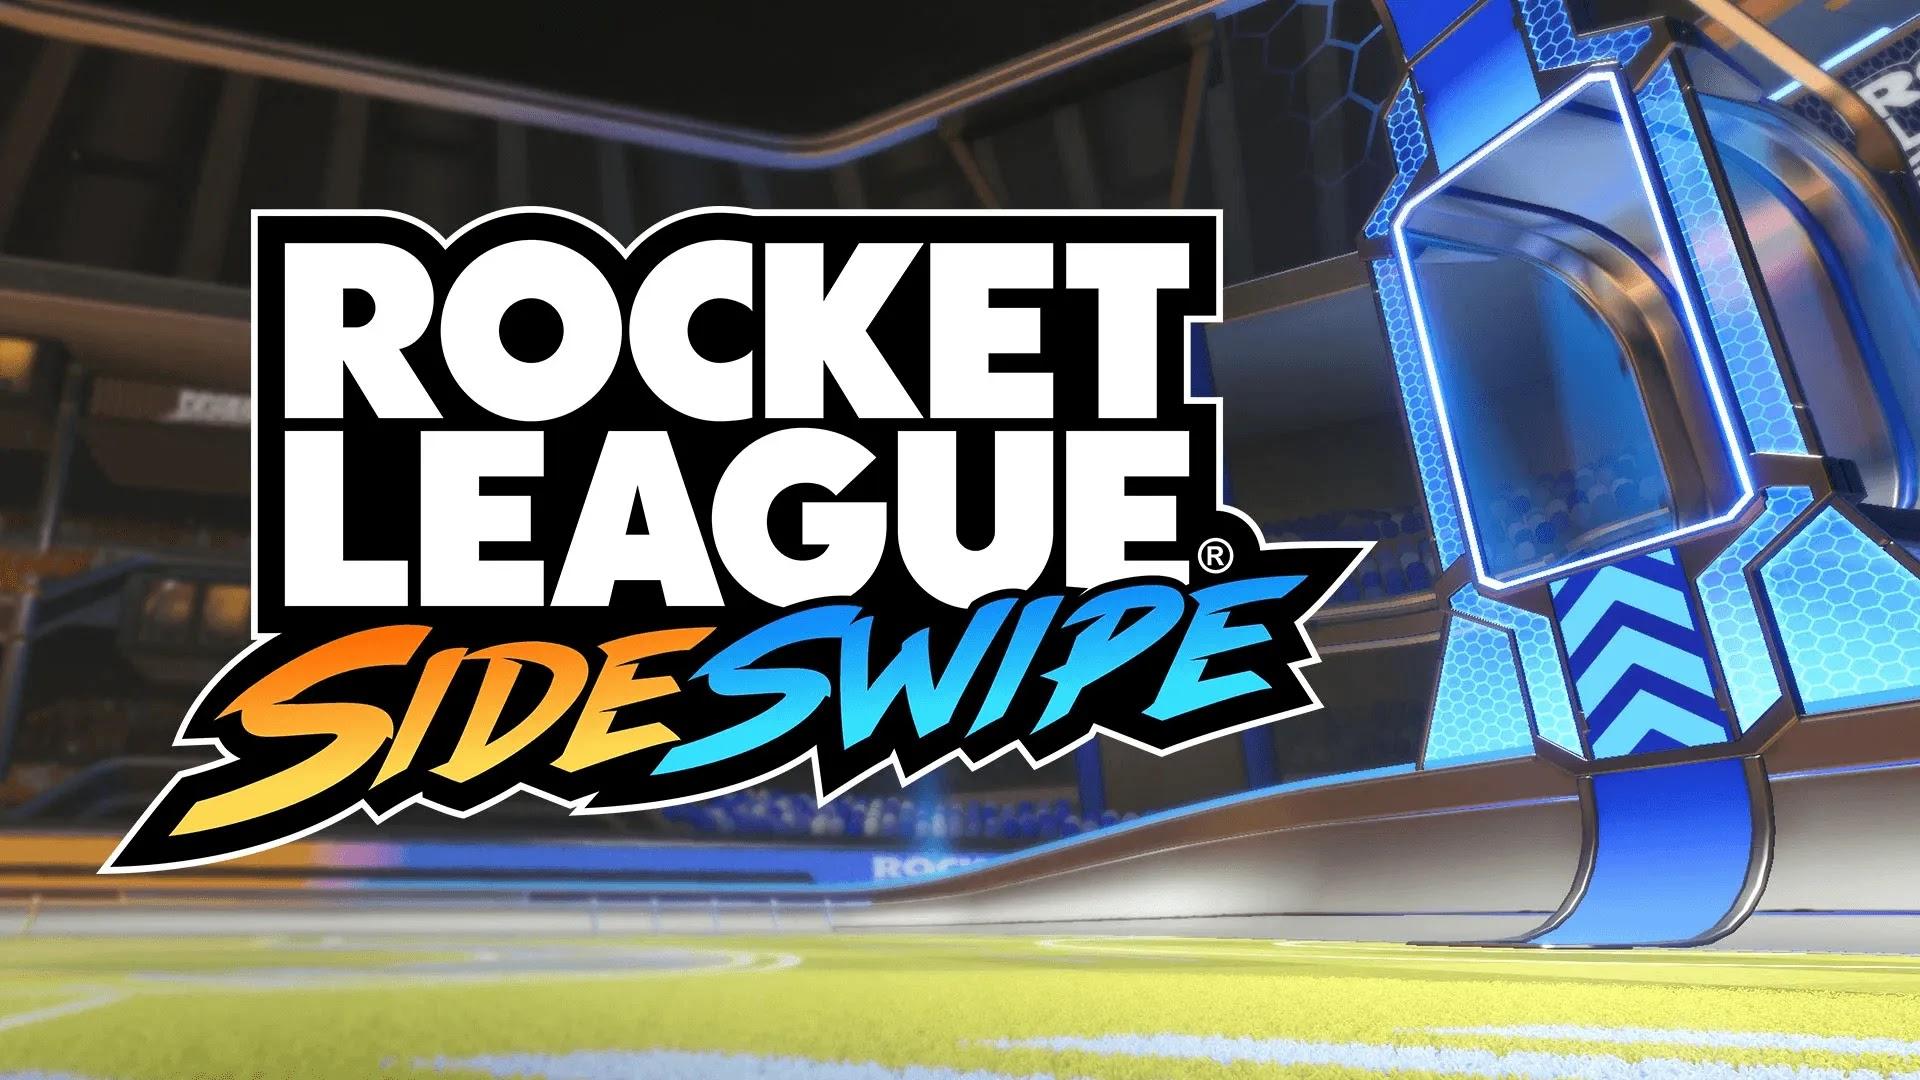 Rocket League mobile version